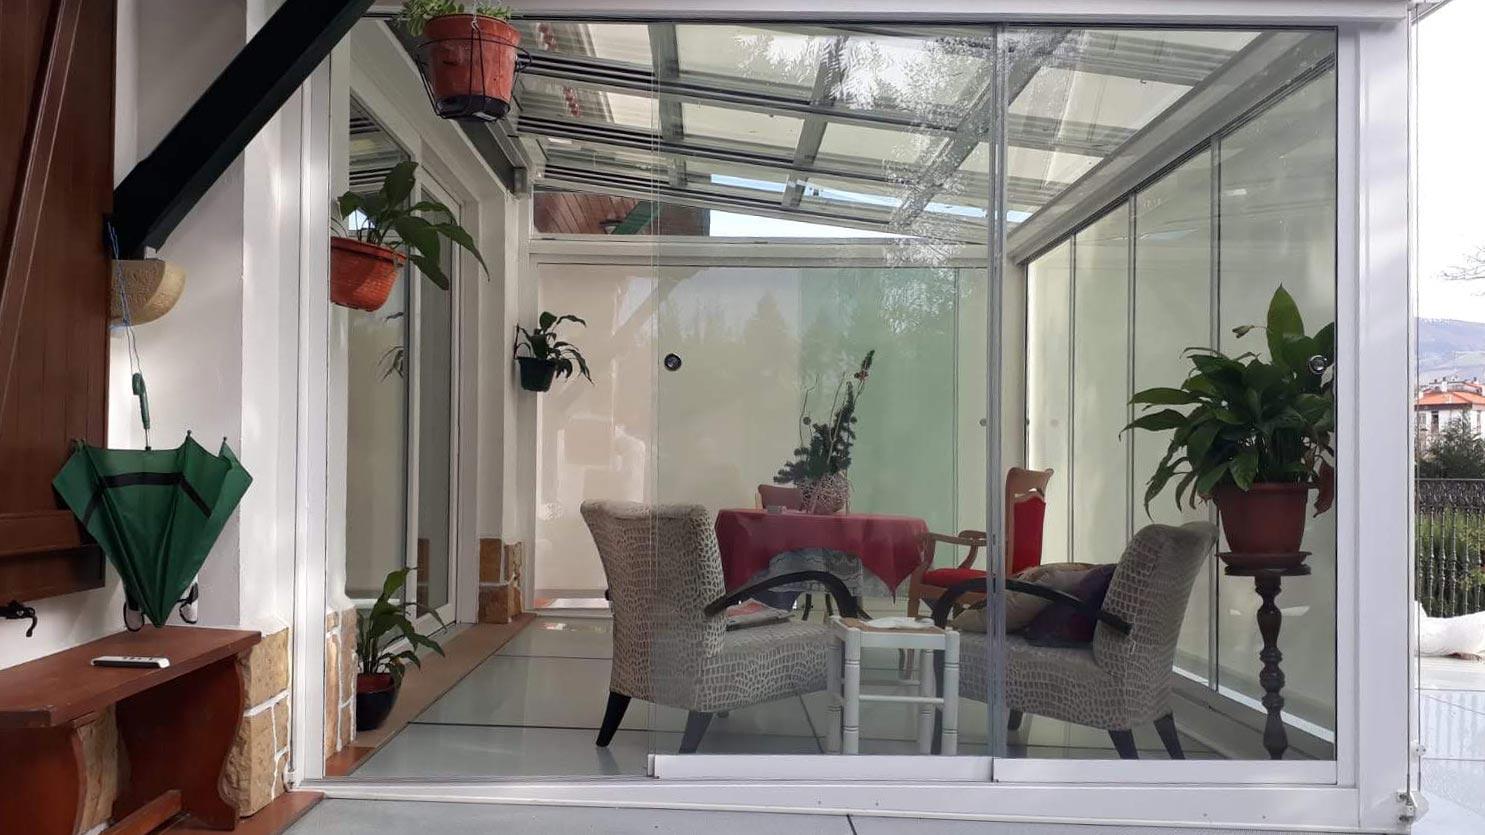 Instalación de cortinas y cerramientos de cristal. Todo lo que necesitas saber sobre las cortinas de cristal.